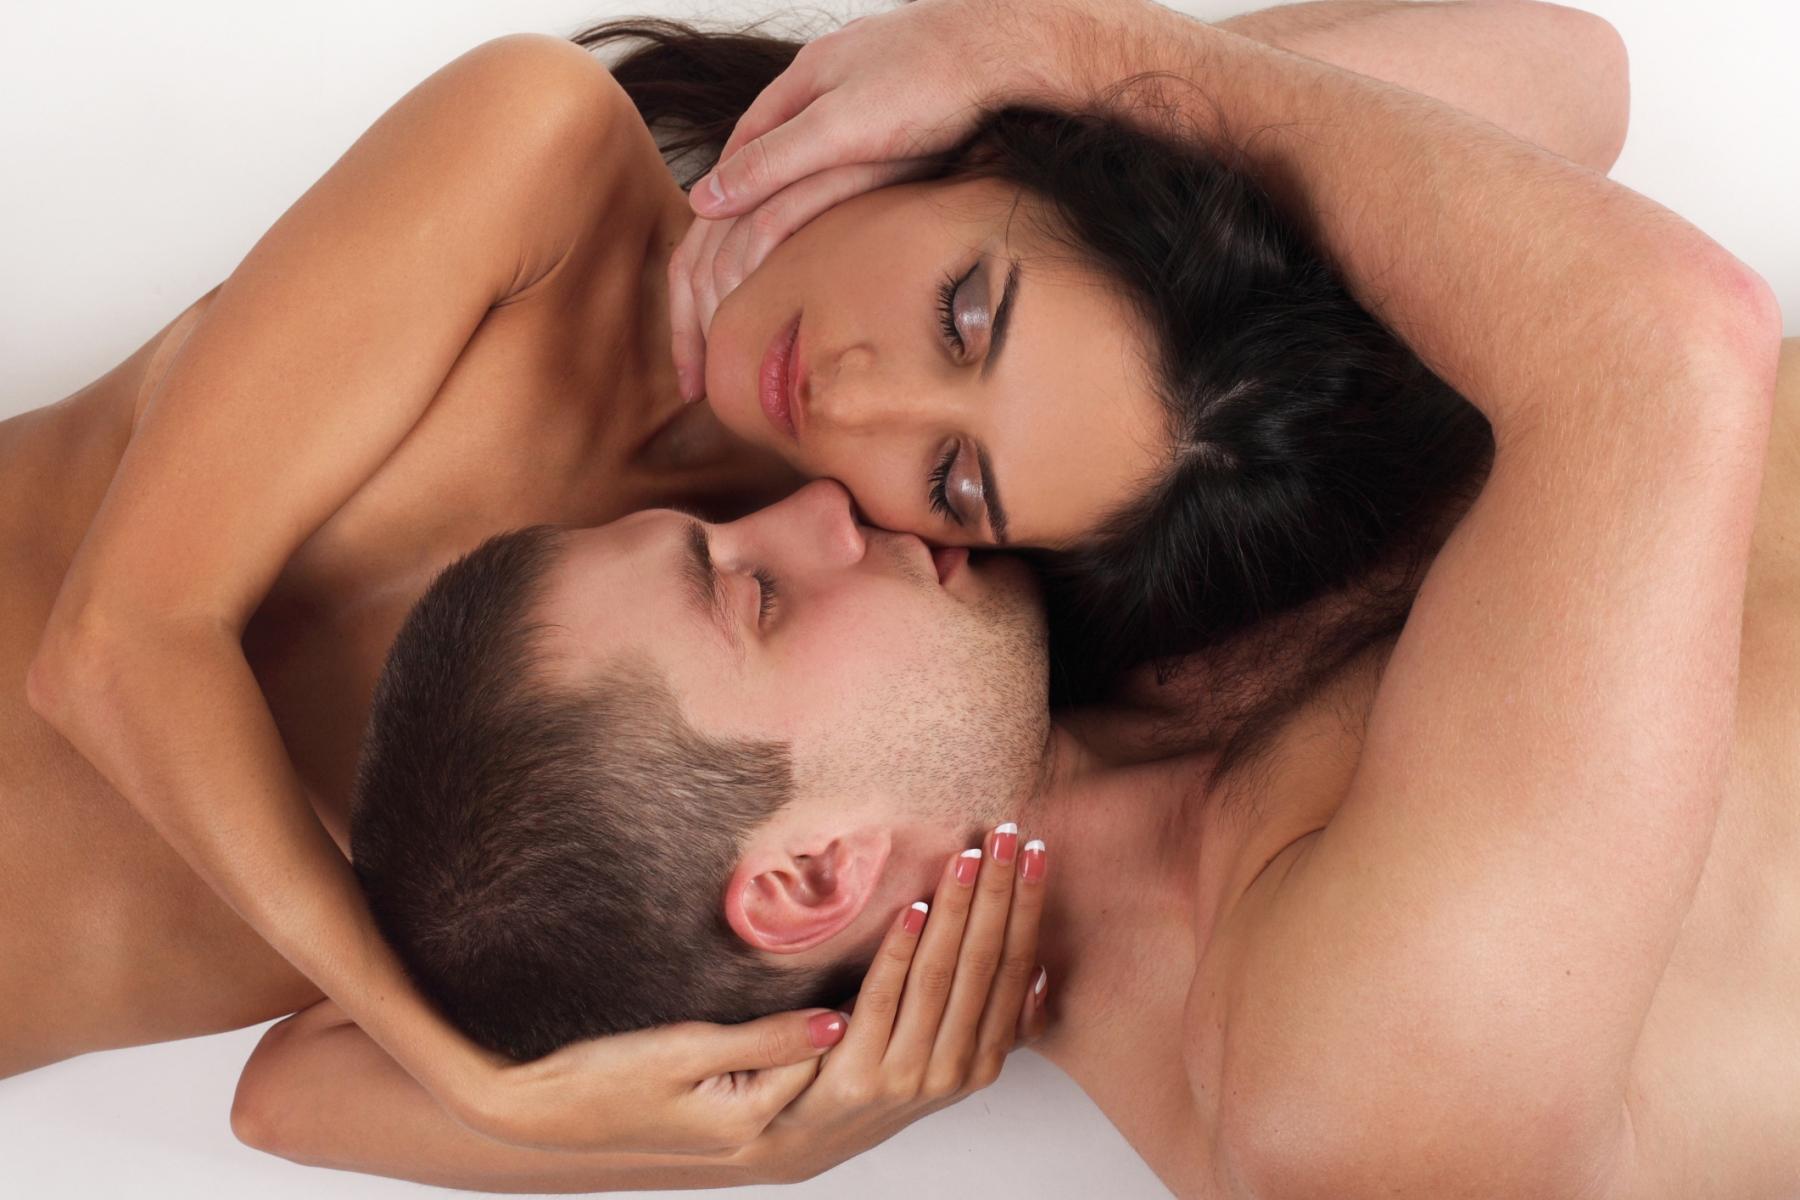 daosskaya-praktika-seksa